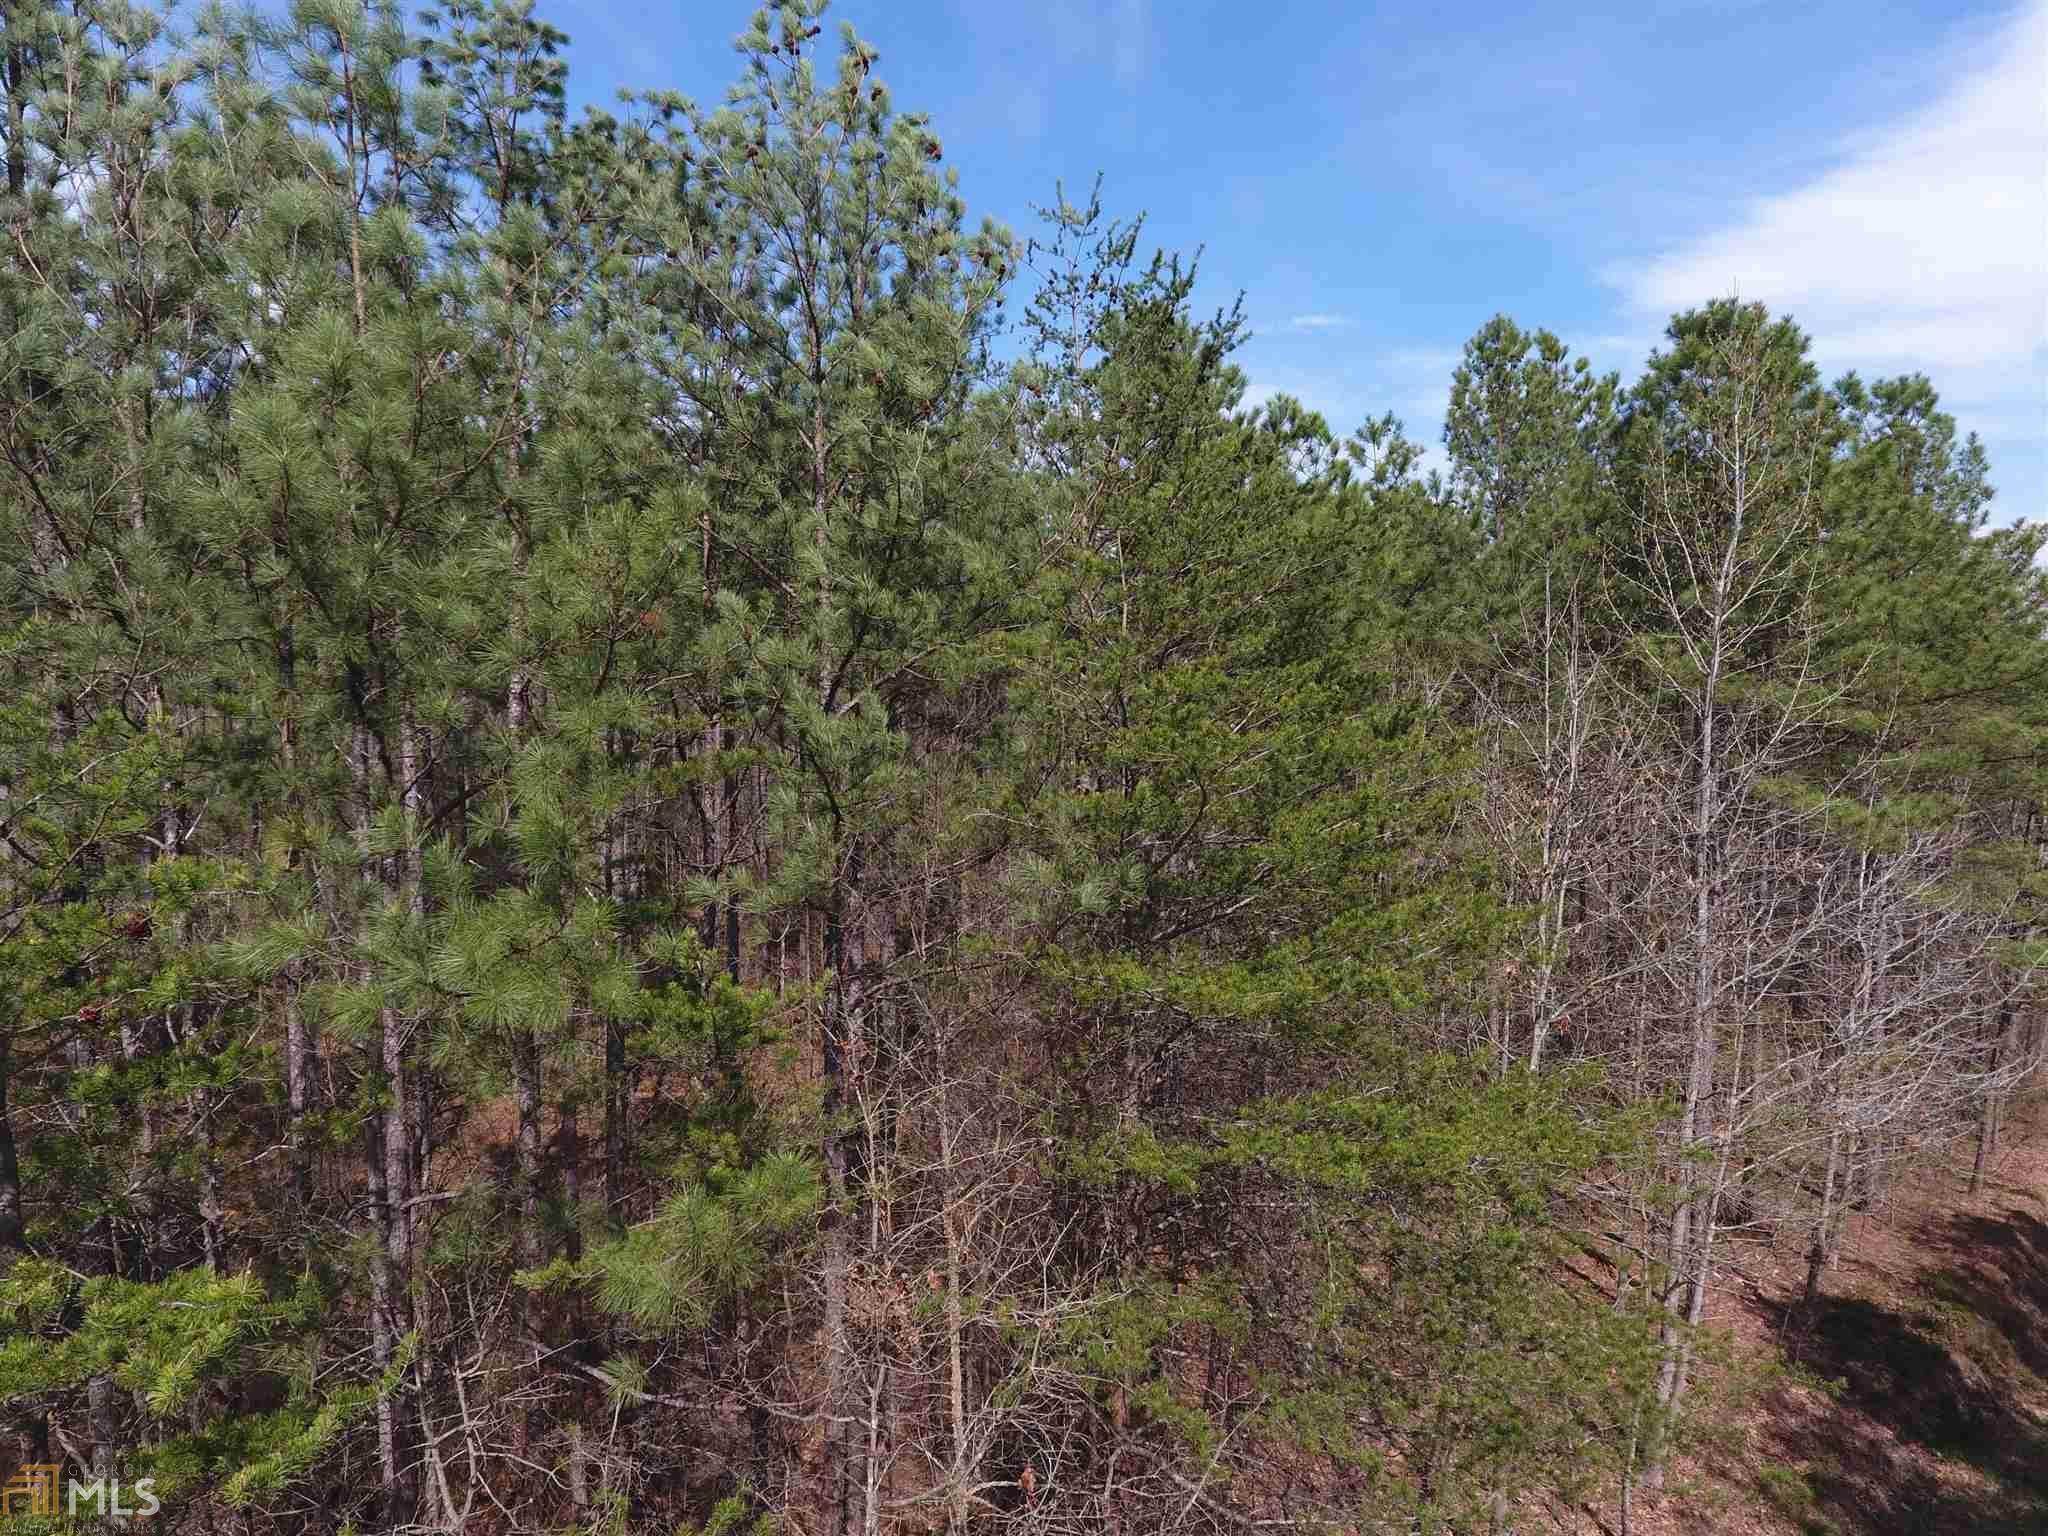 0 Pine Ridge Rd 5004-1, White, GA 30184 (MLS #8757765) :: Buffington Real Estate Group